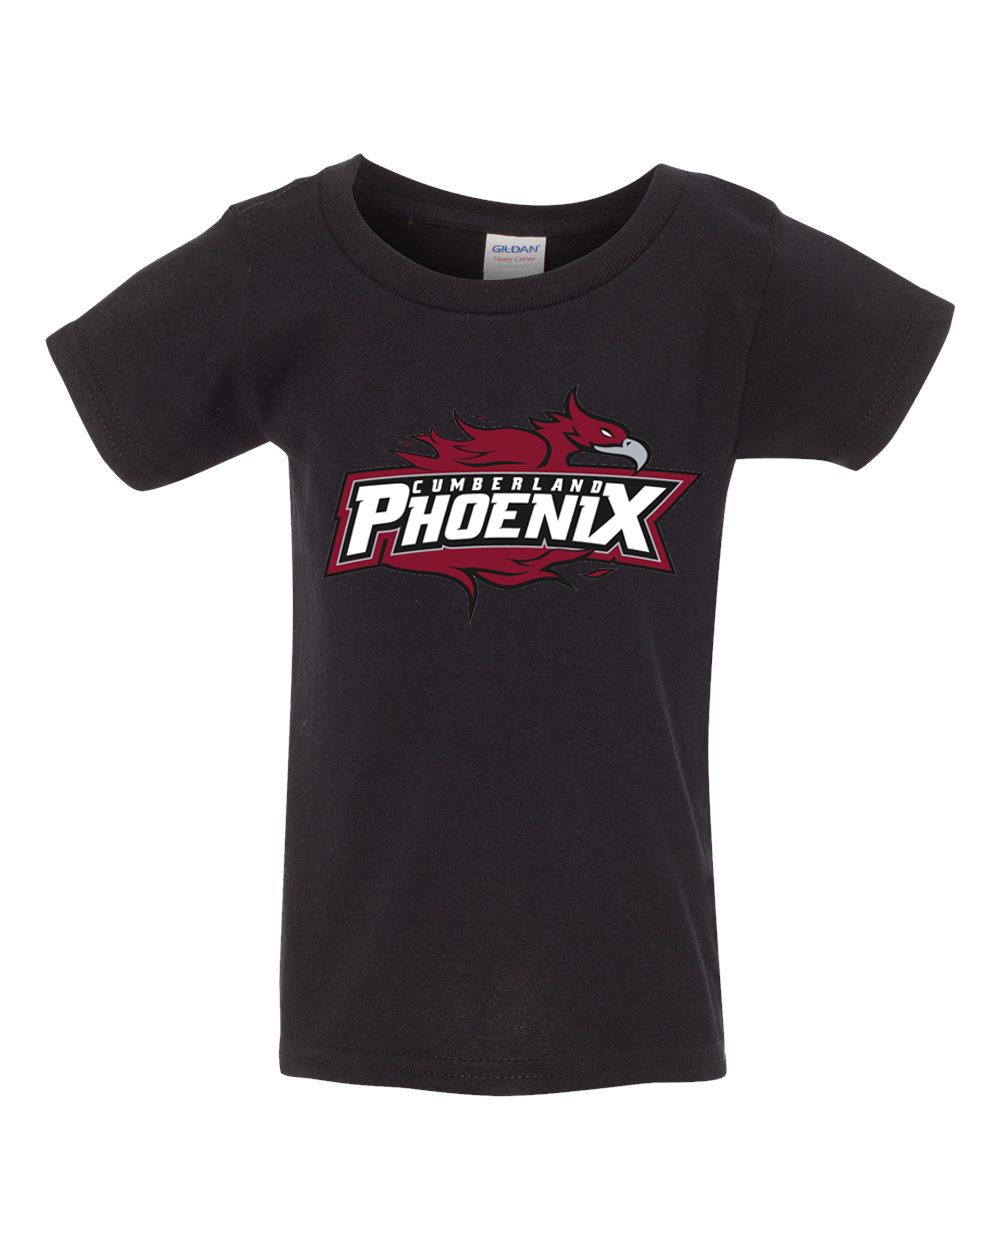 Cumberland Phoenix Toddler Tshirt